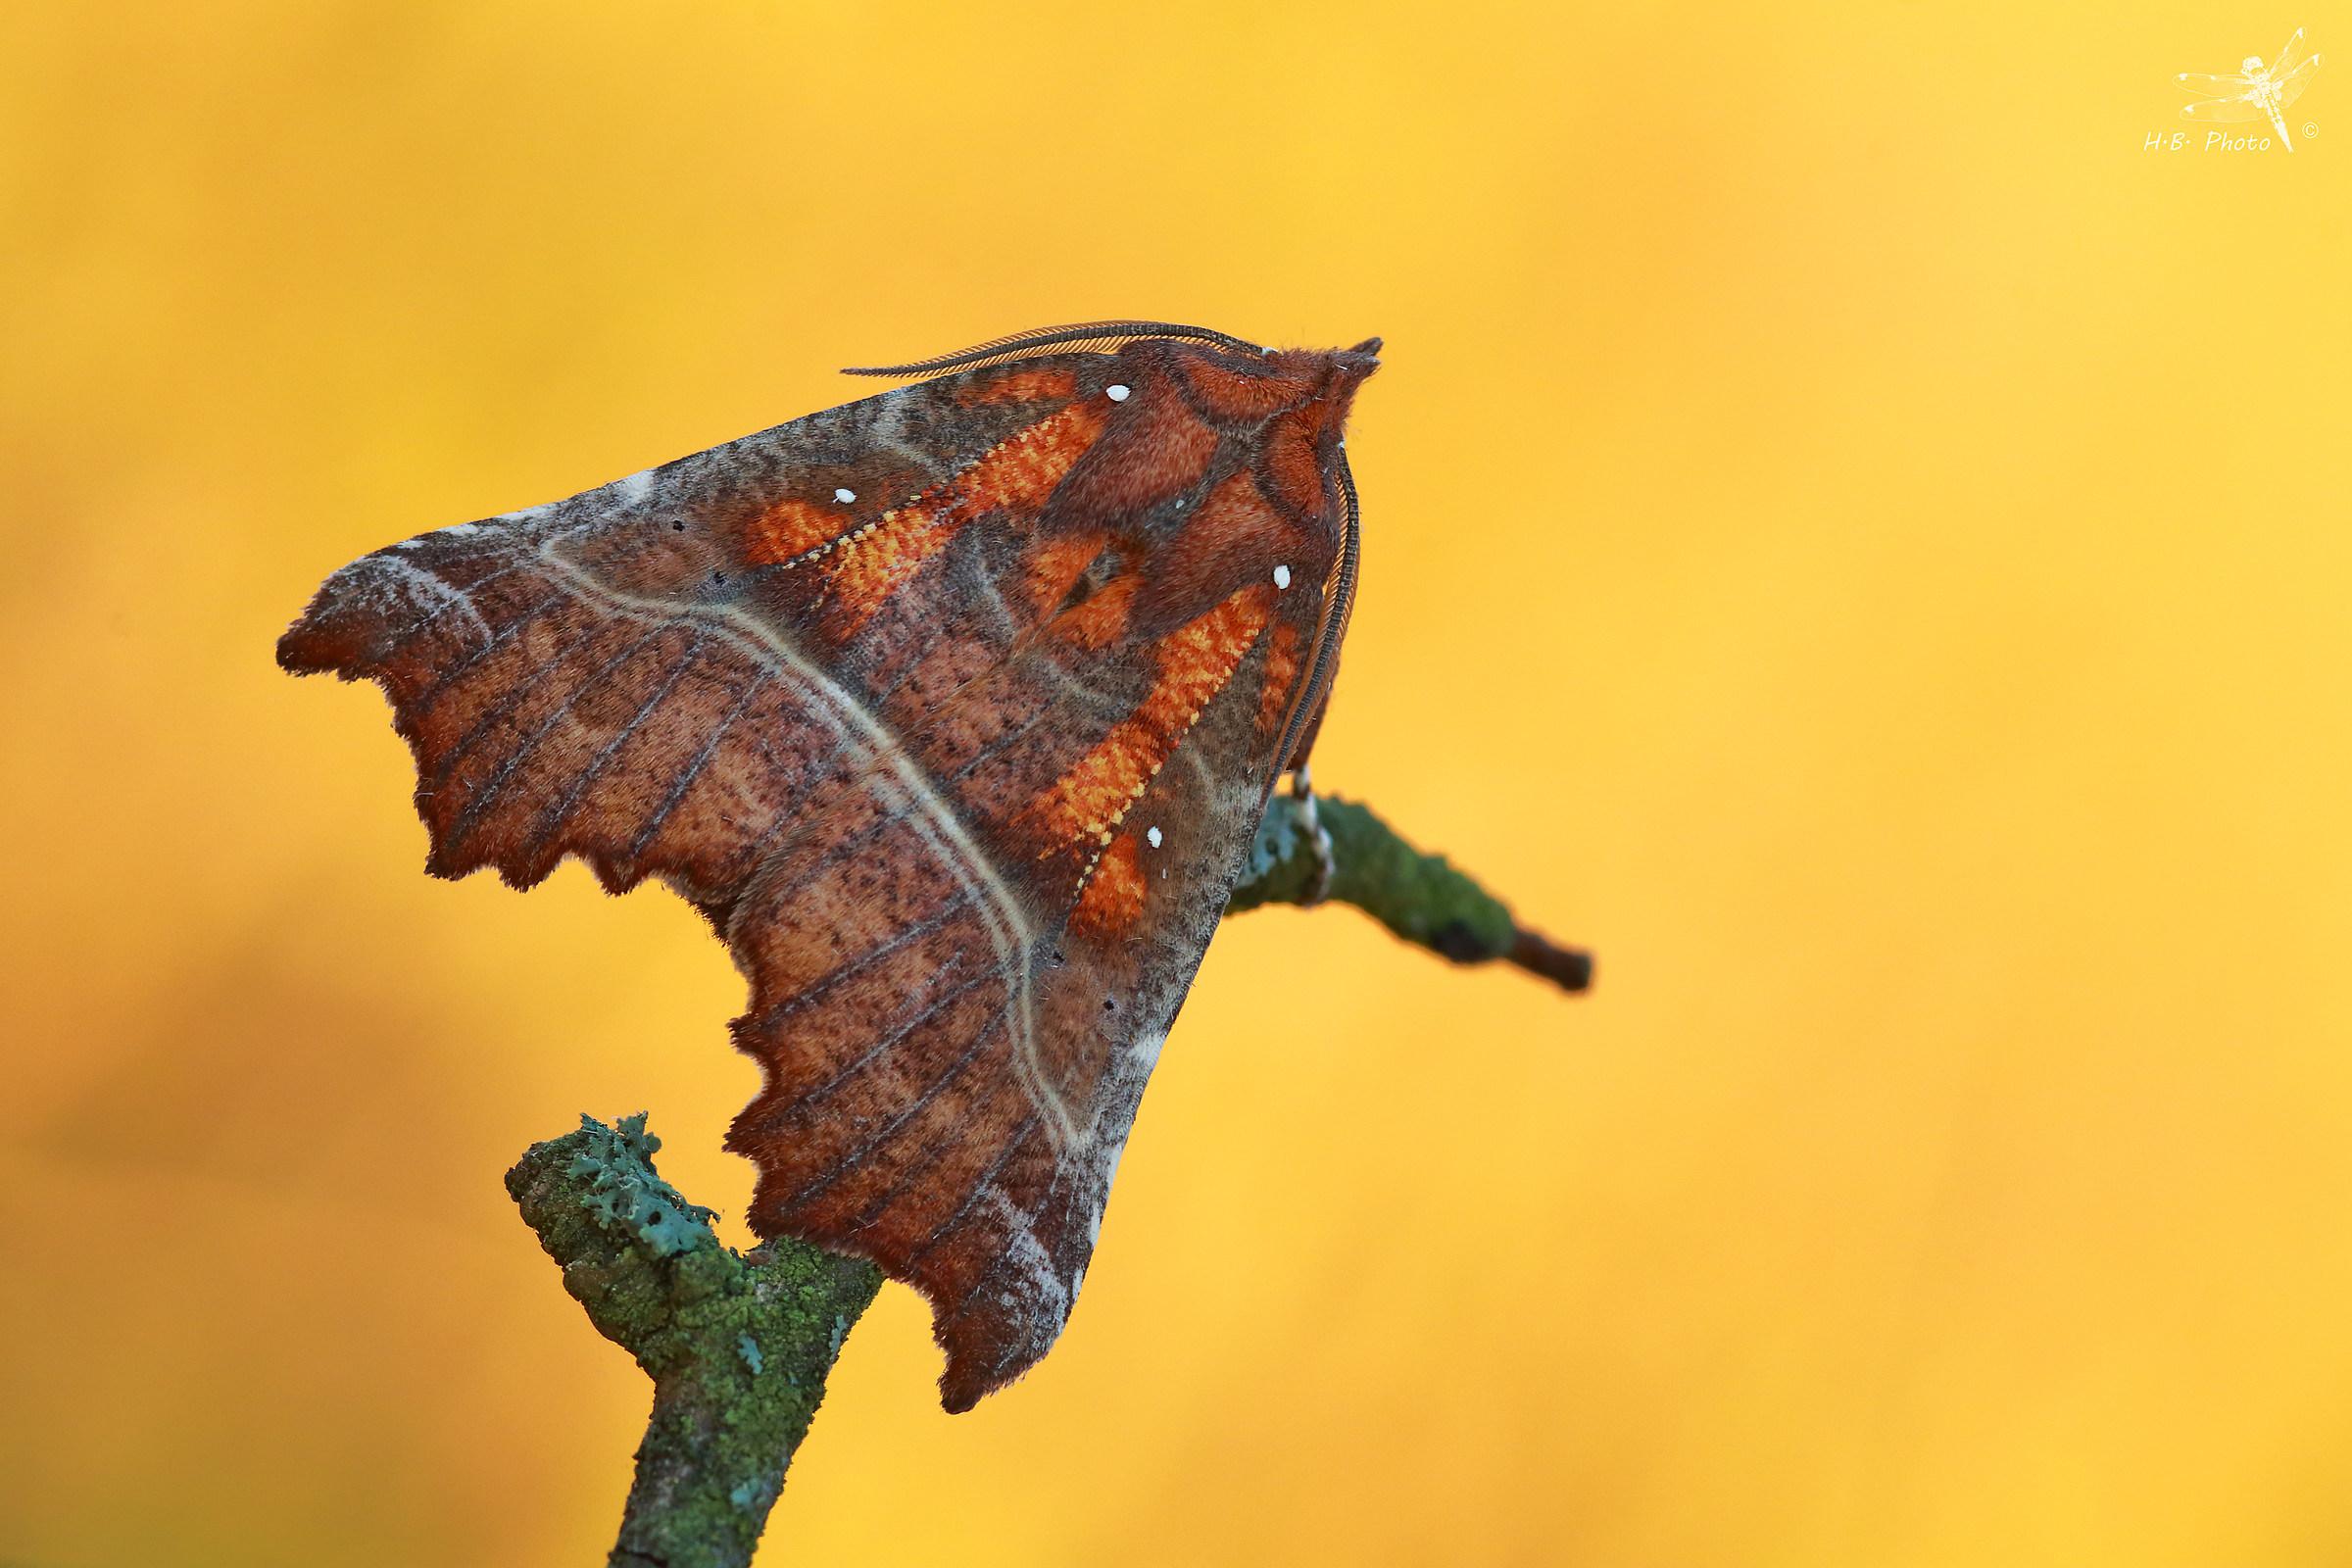 Scoliopteryx libatrix...